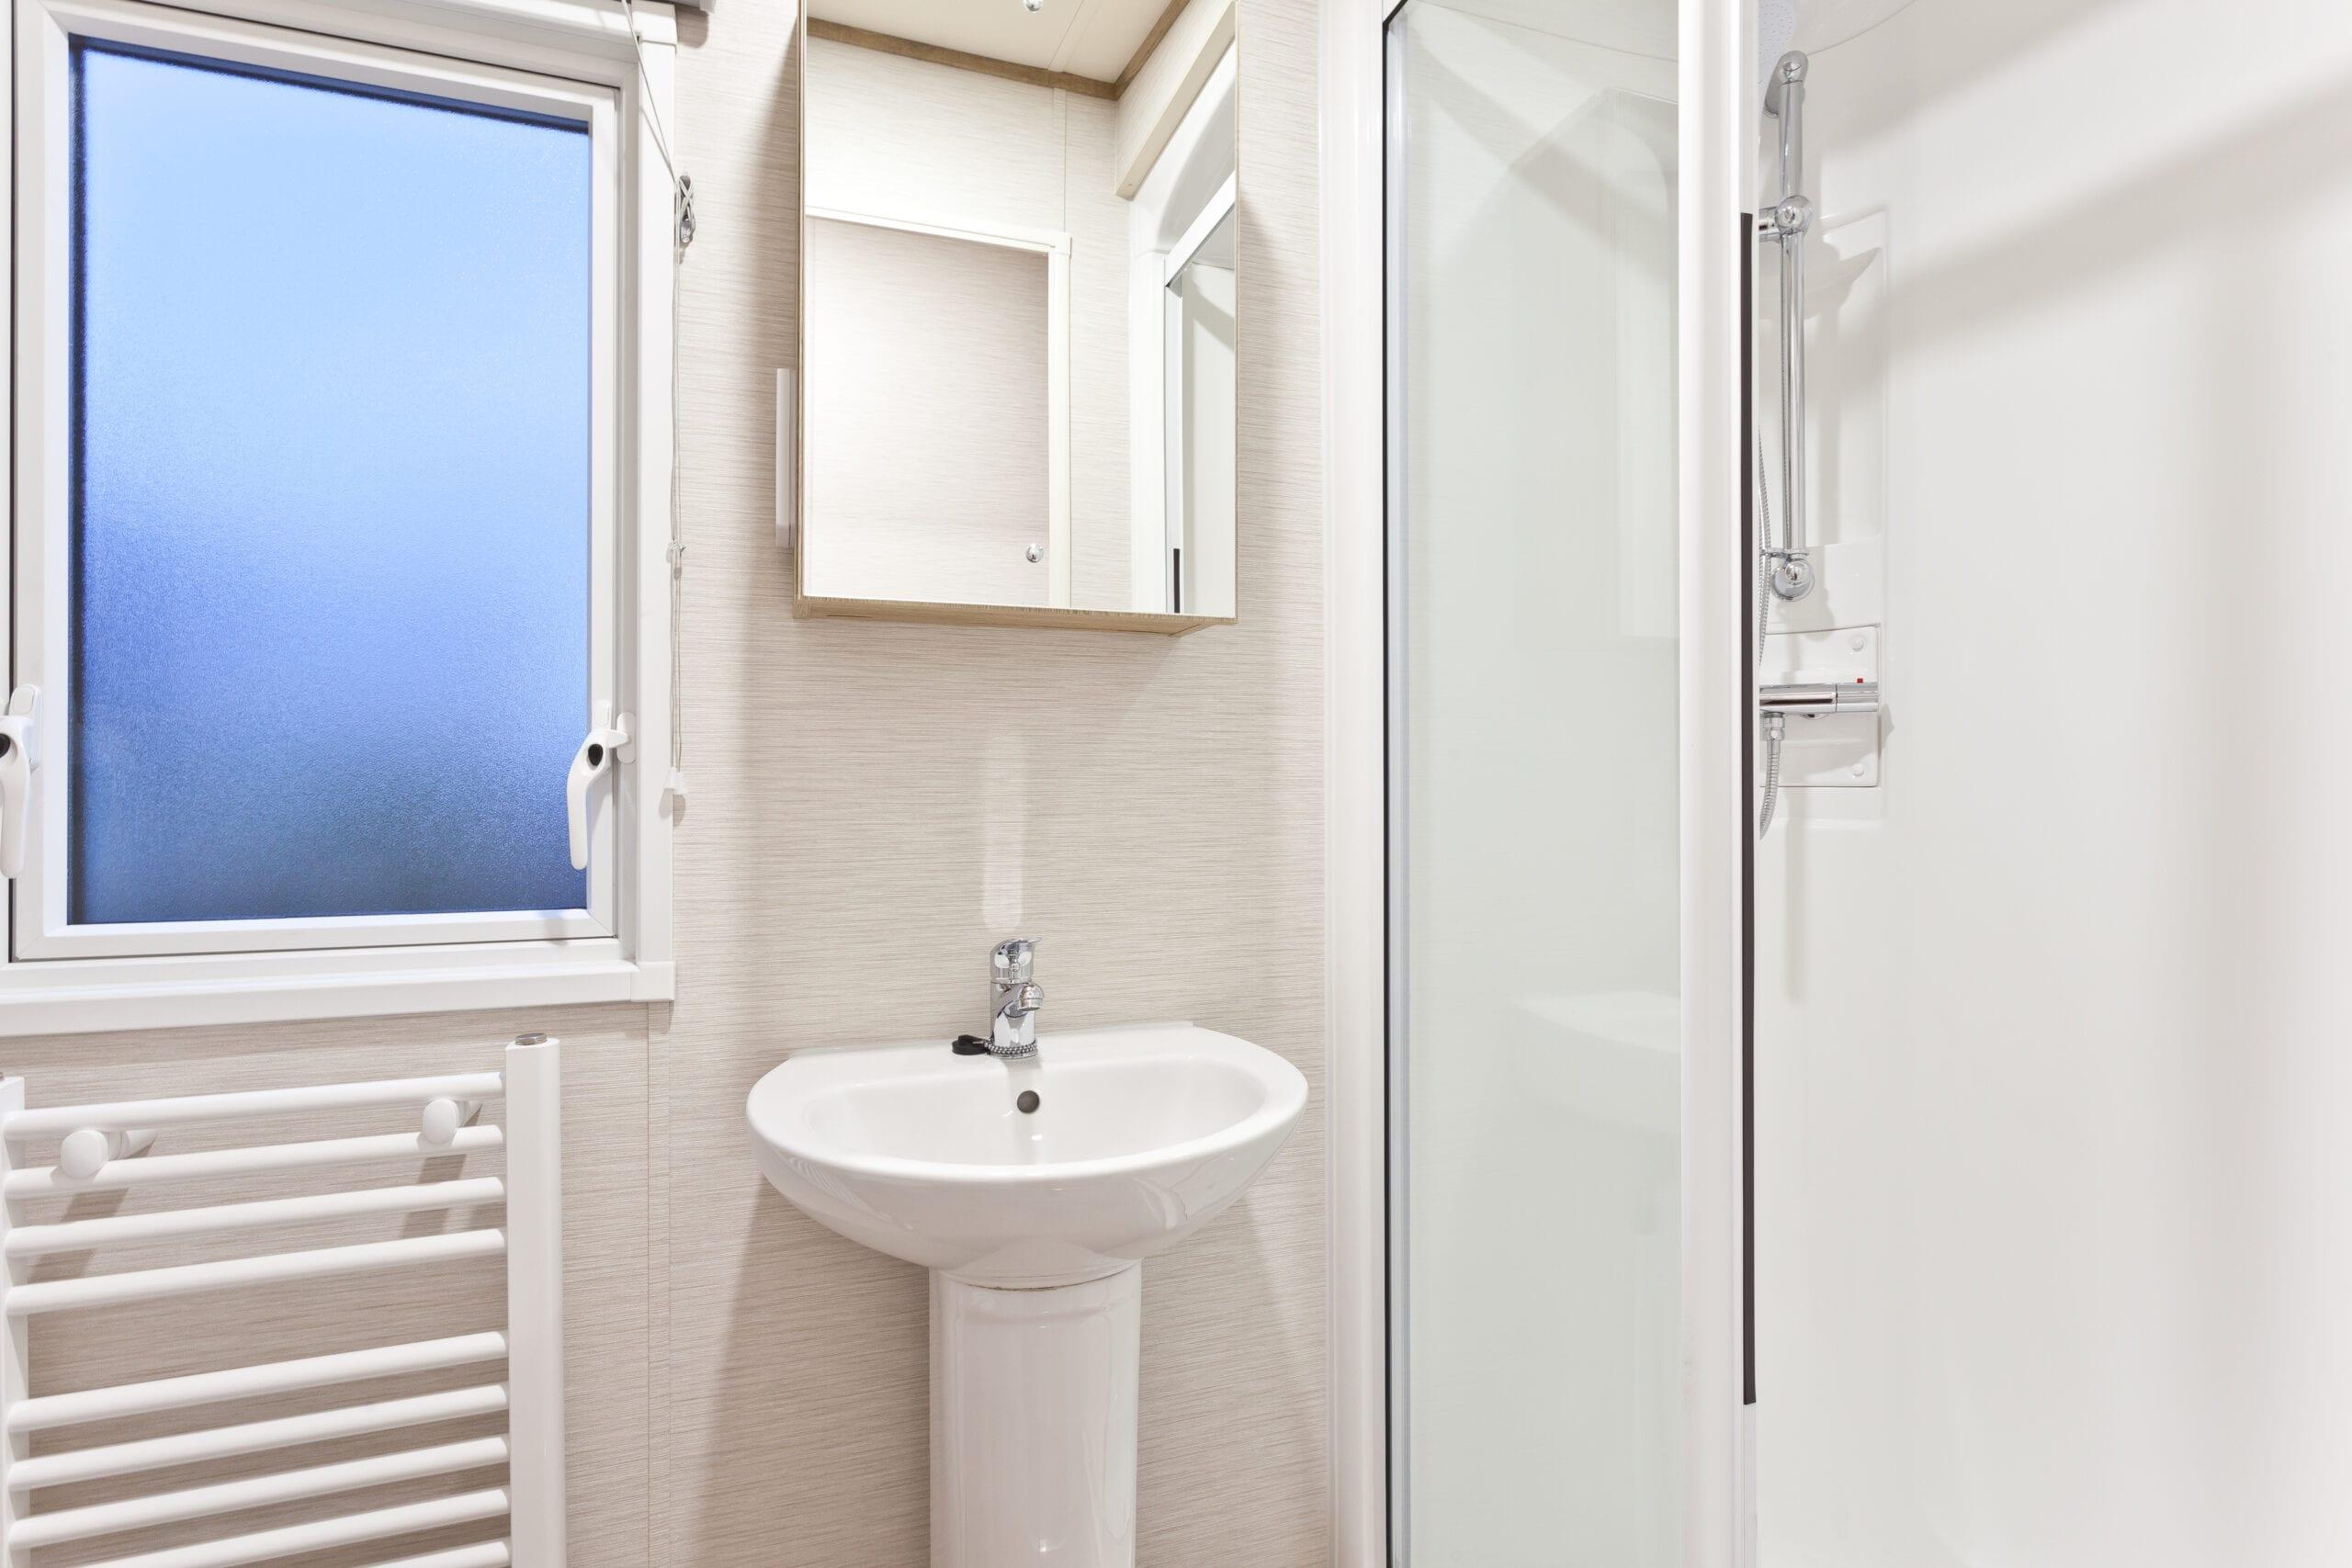 Holgates Holiday parks in Lancashire - Accommodation bathroom